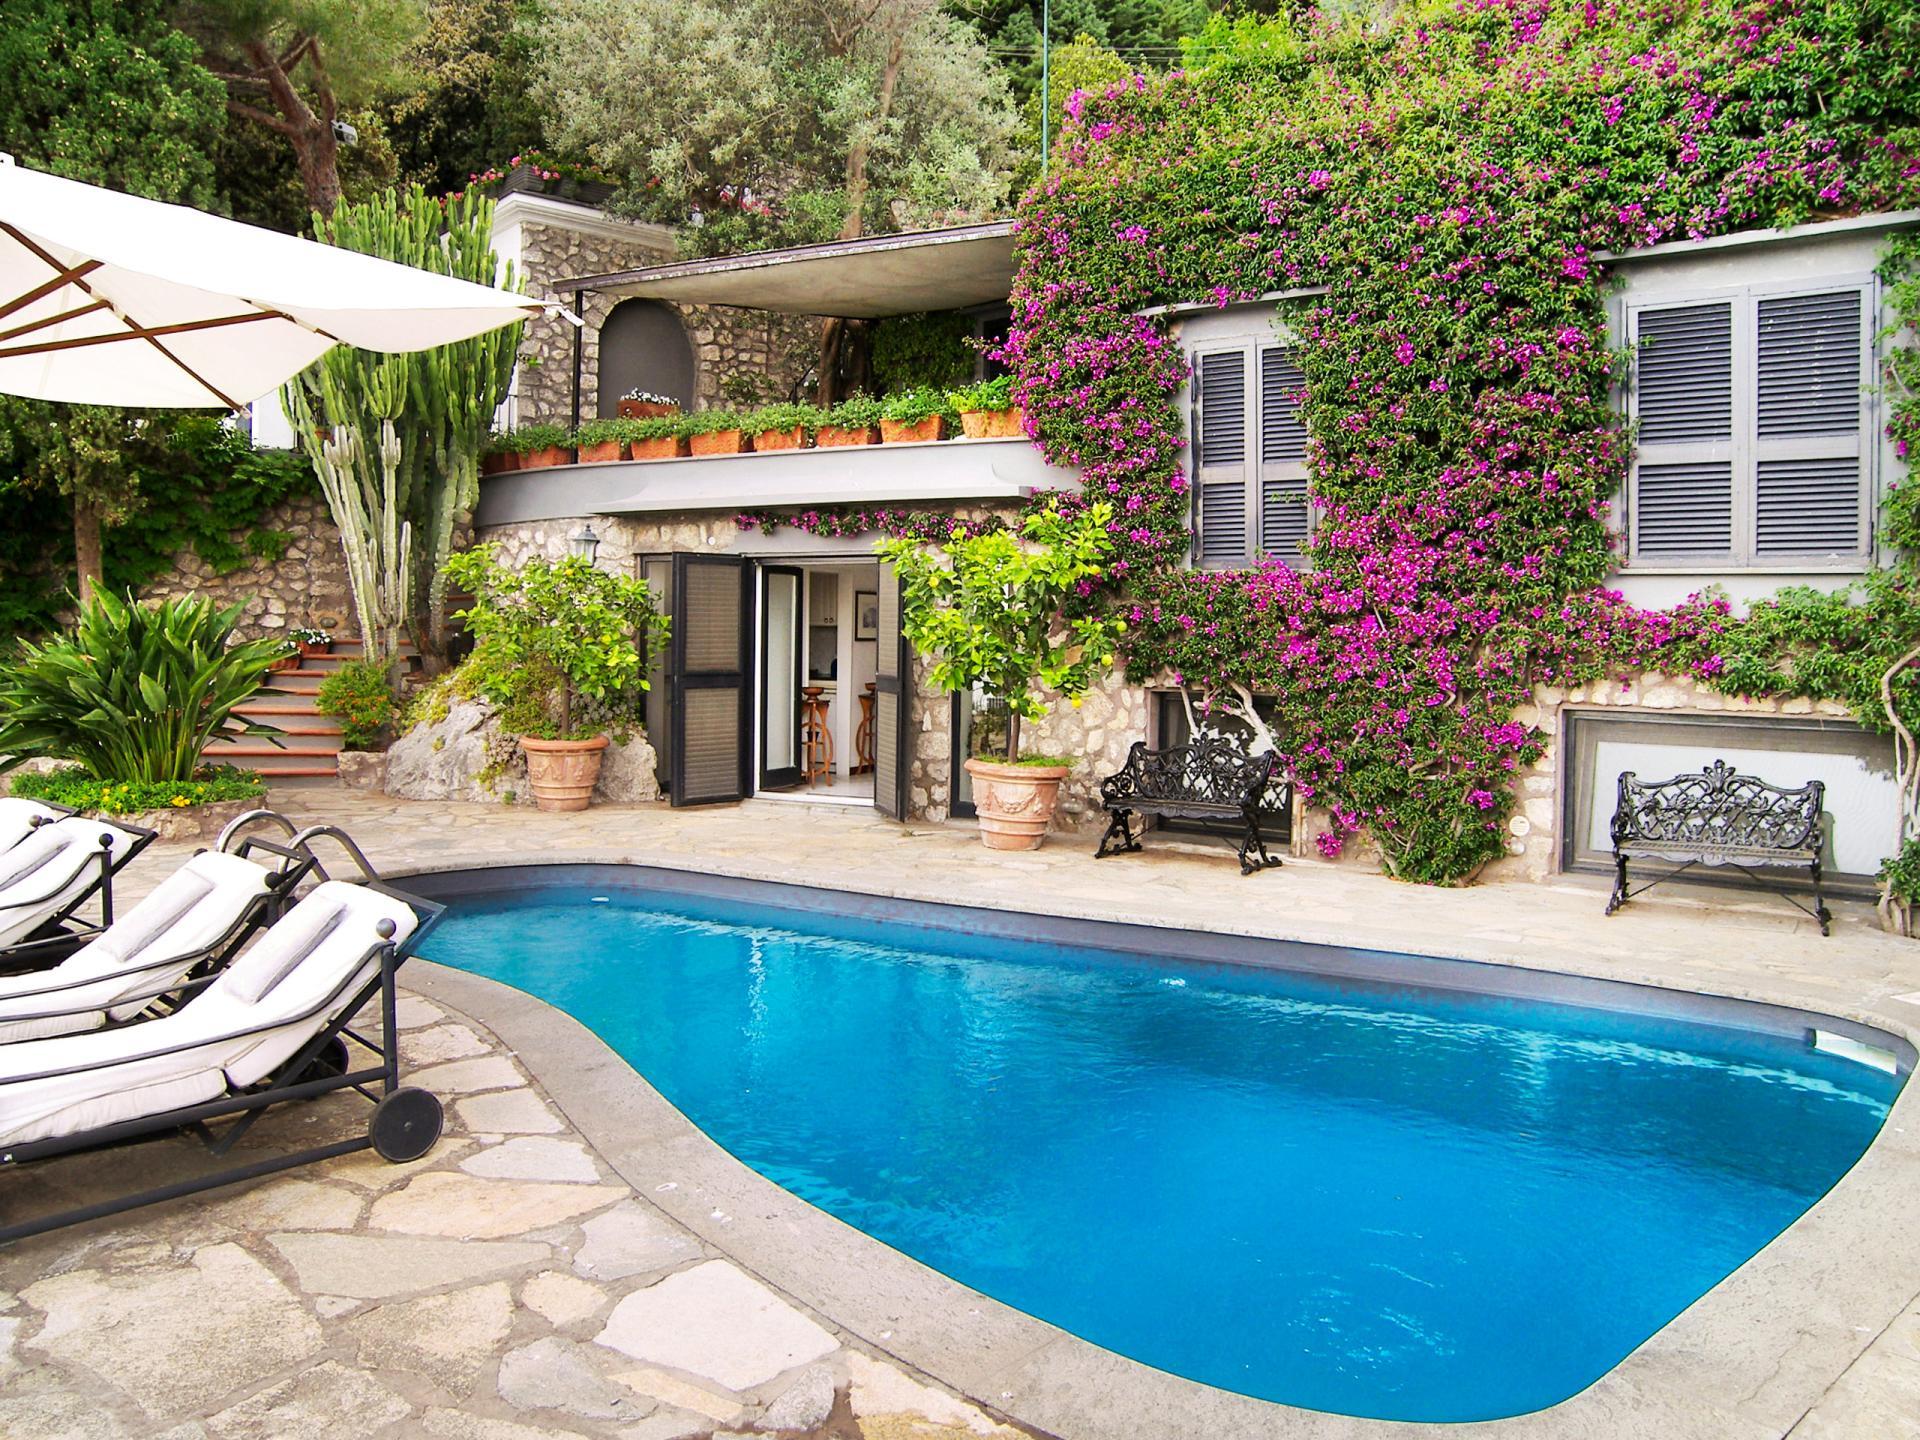 Outdoor Pool, Faraglioni di Capri, Island of Capri, Amalfi Coast Campania.